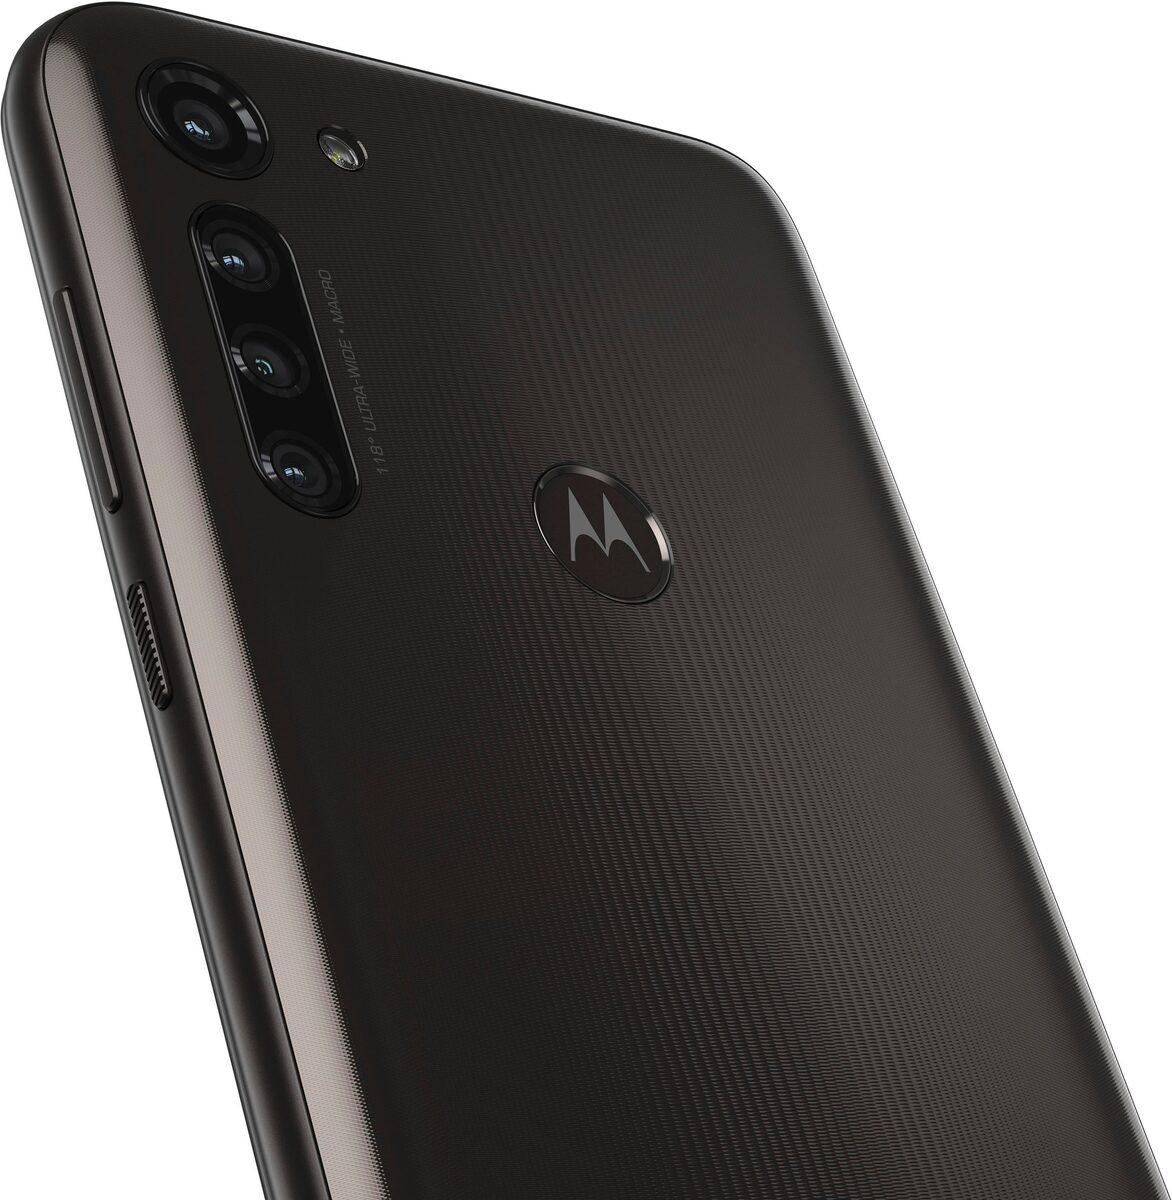 Bild 4 von Motorola moto G8 Power Smartphone (16,25 cm/6,4 Zoll, 64 GB Speicherplatz, 16 MP Kamera)